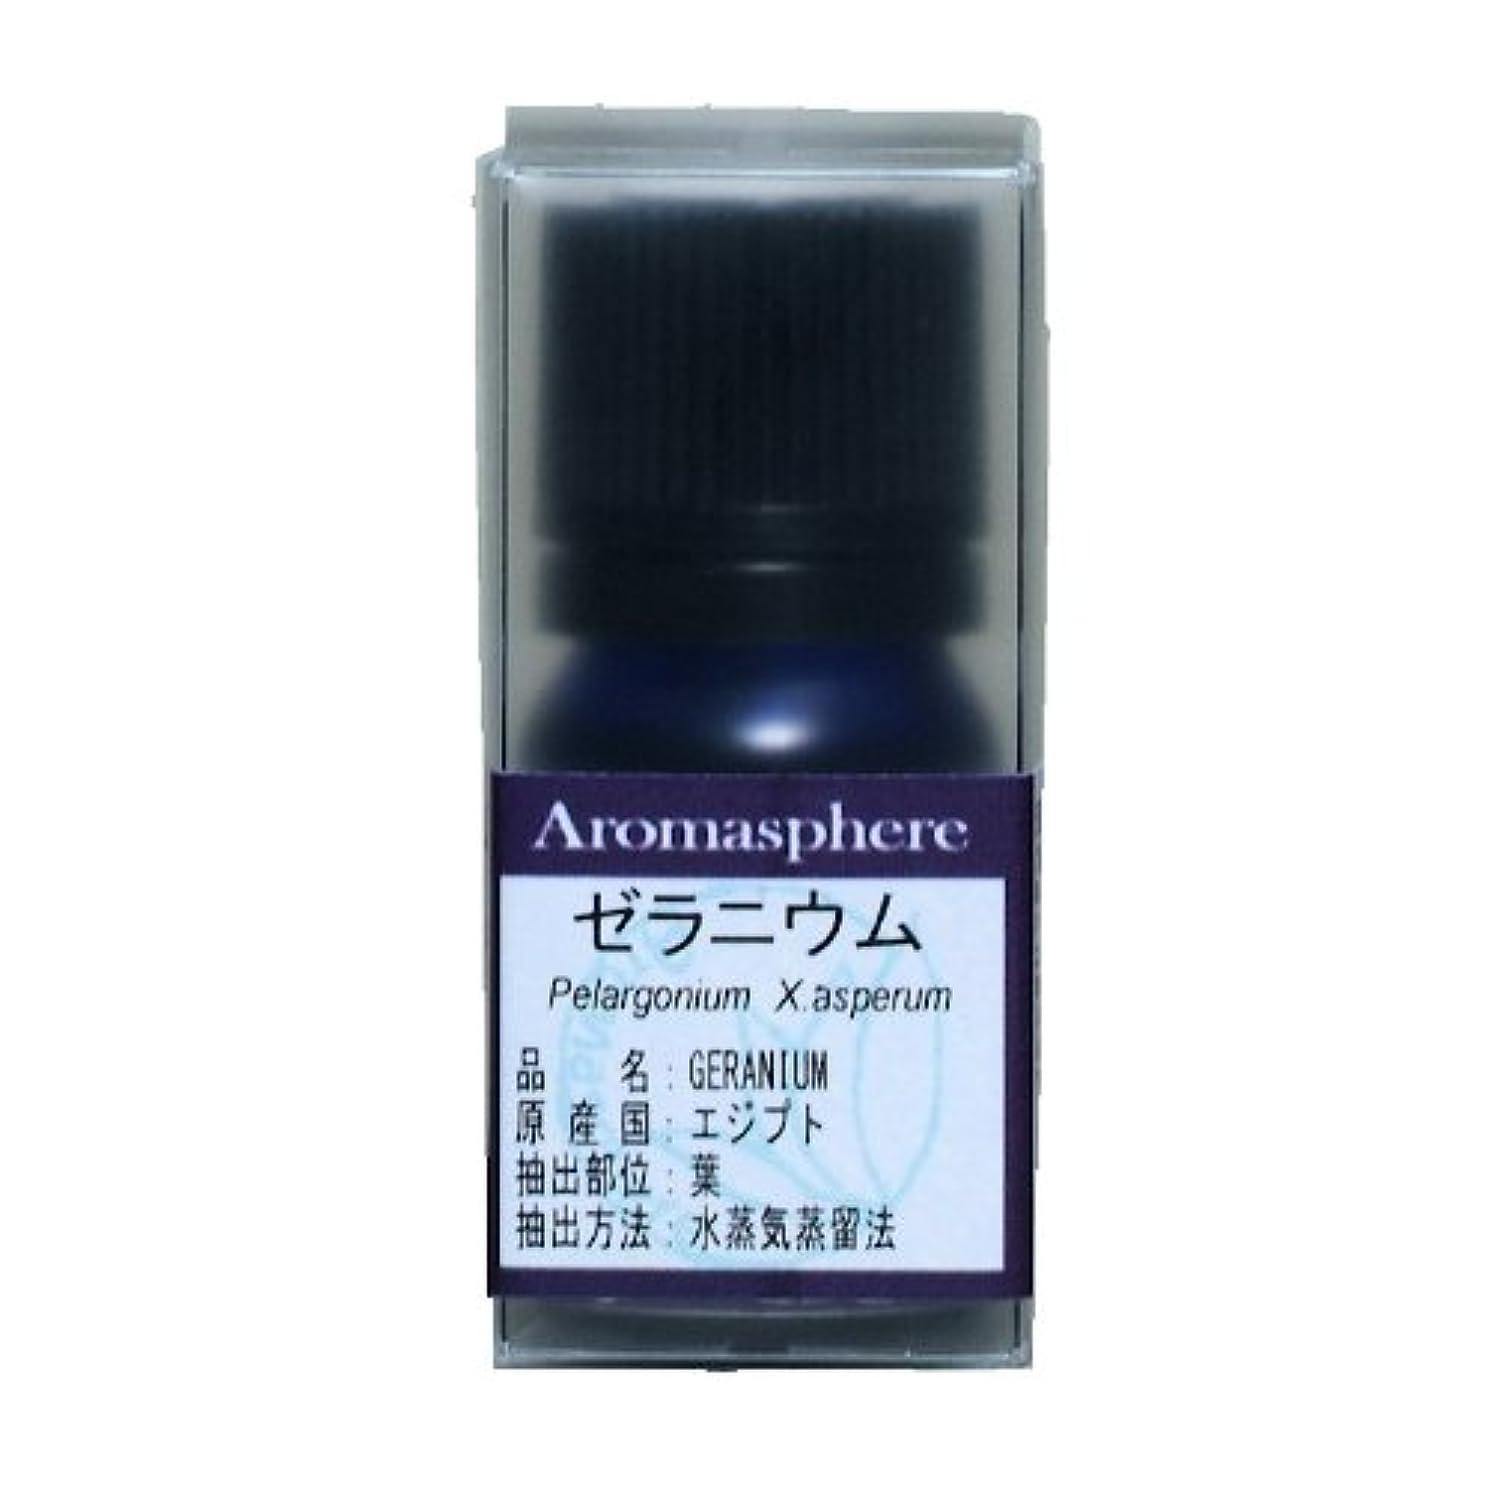 いろいろストローク美的【アロマスフィア】ゼラニウム 5ml エッセンシャルオイル(精油)